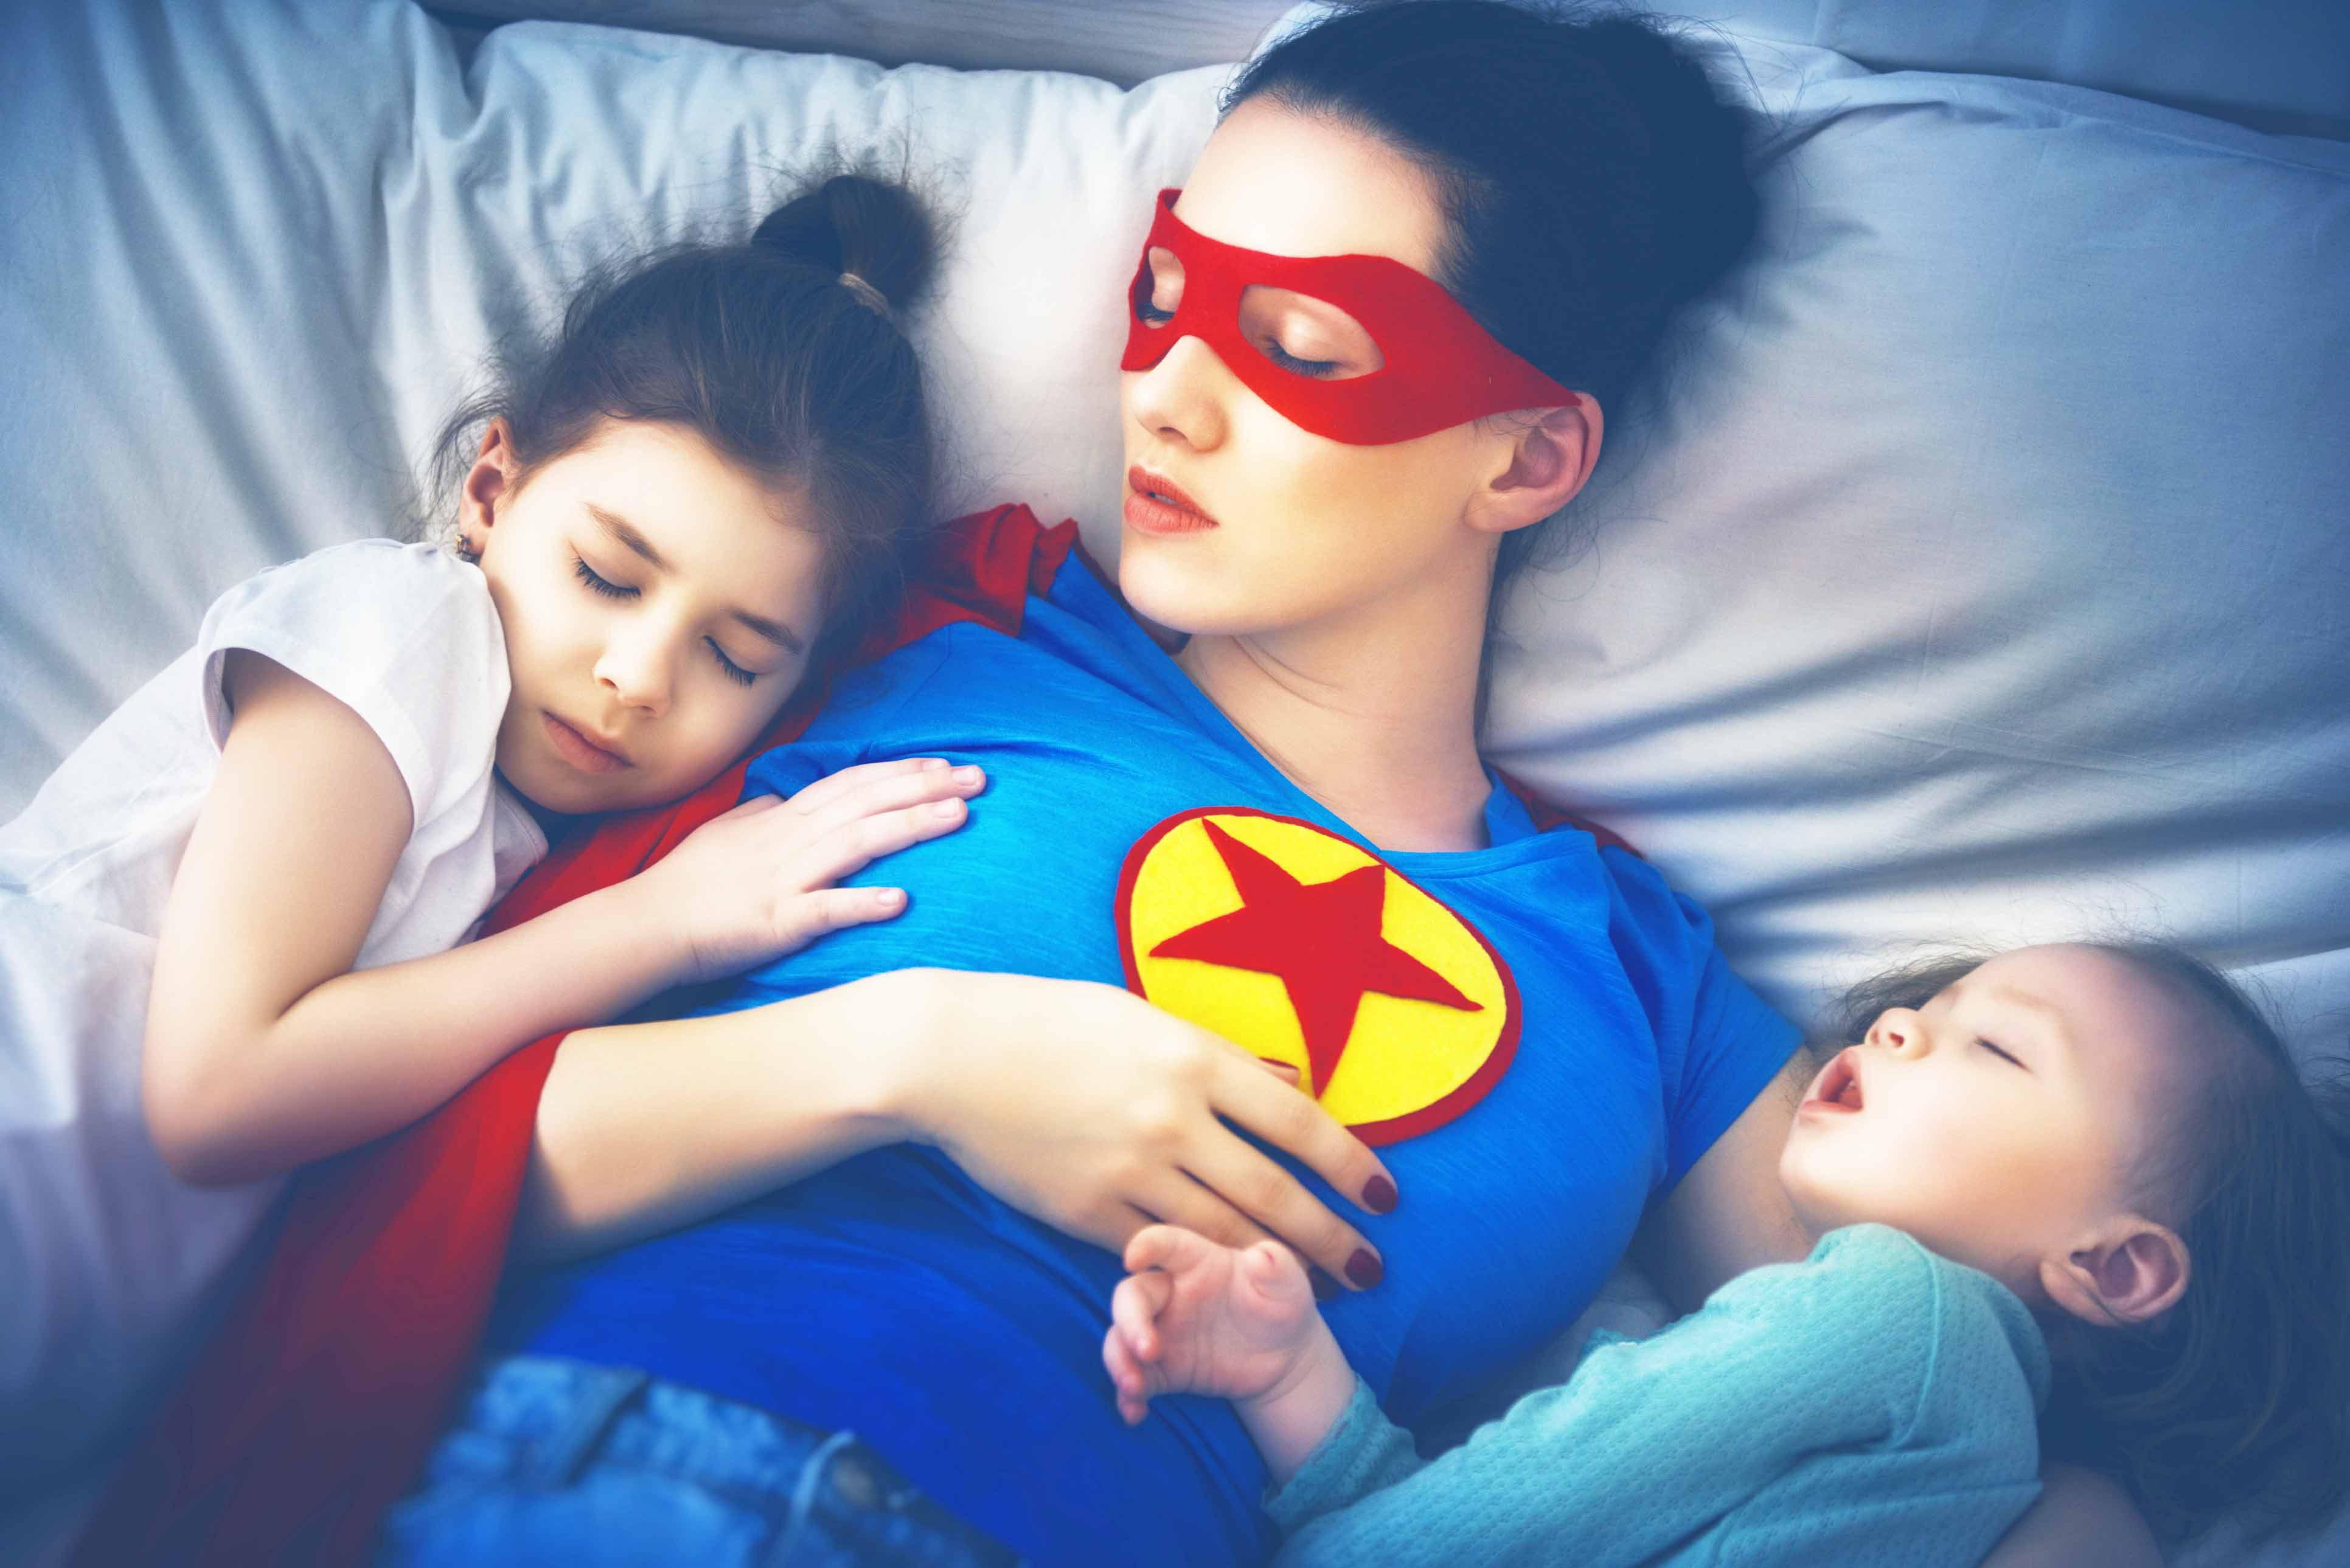 Invisibilidade: mães exaustas e em crise de identidade